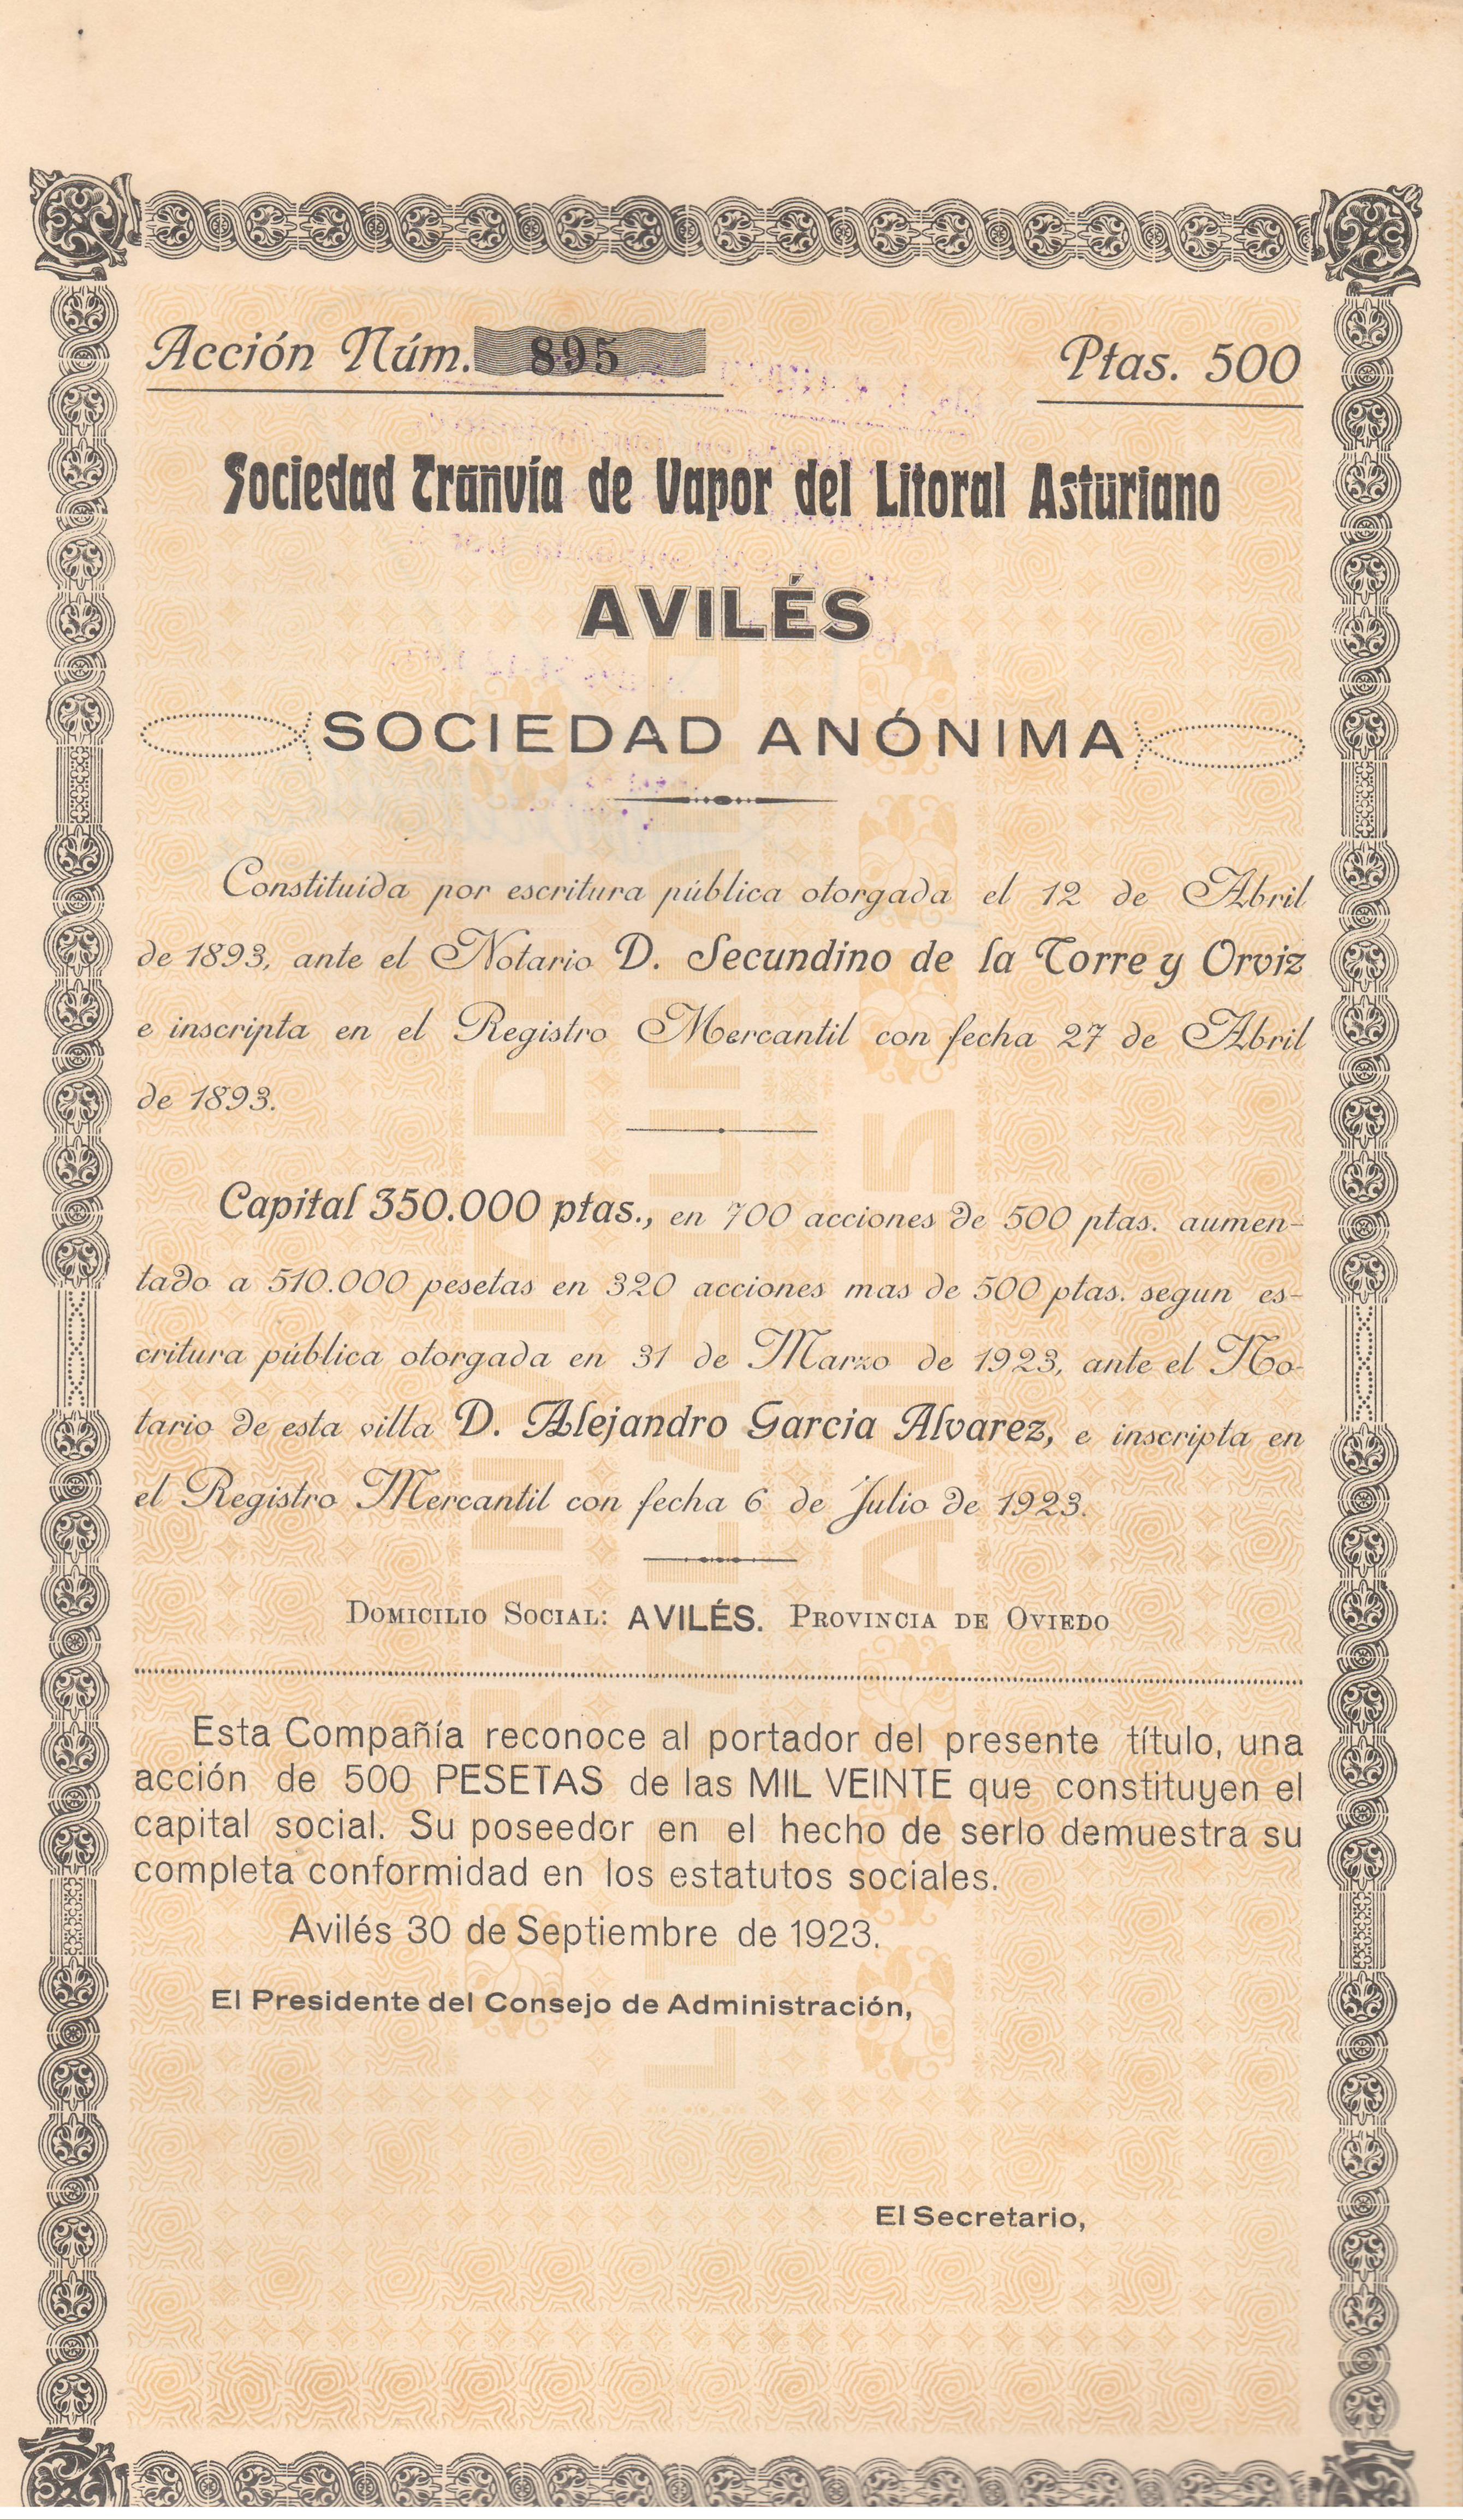 Sociedad Tranvía de Vapor del Litoral Asturiano